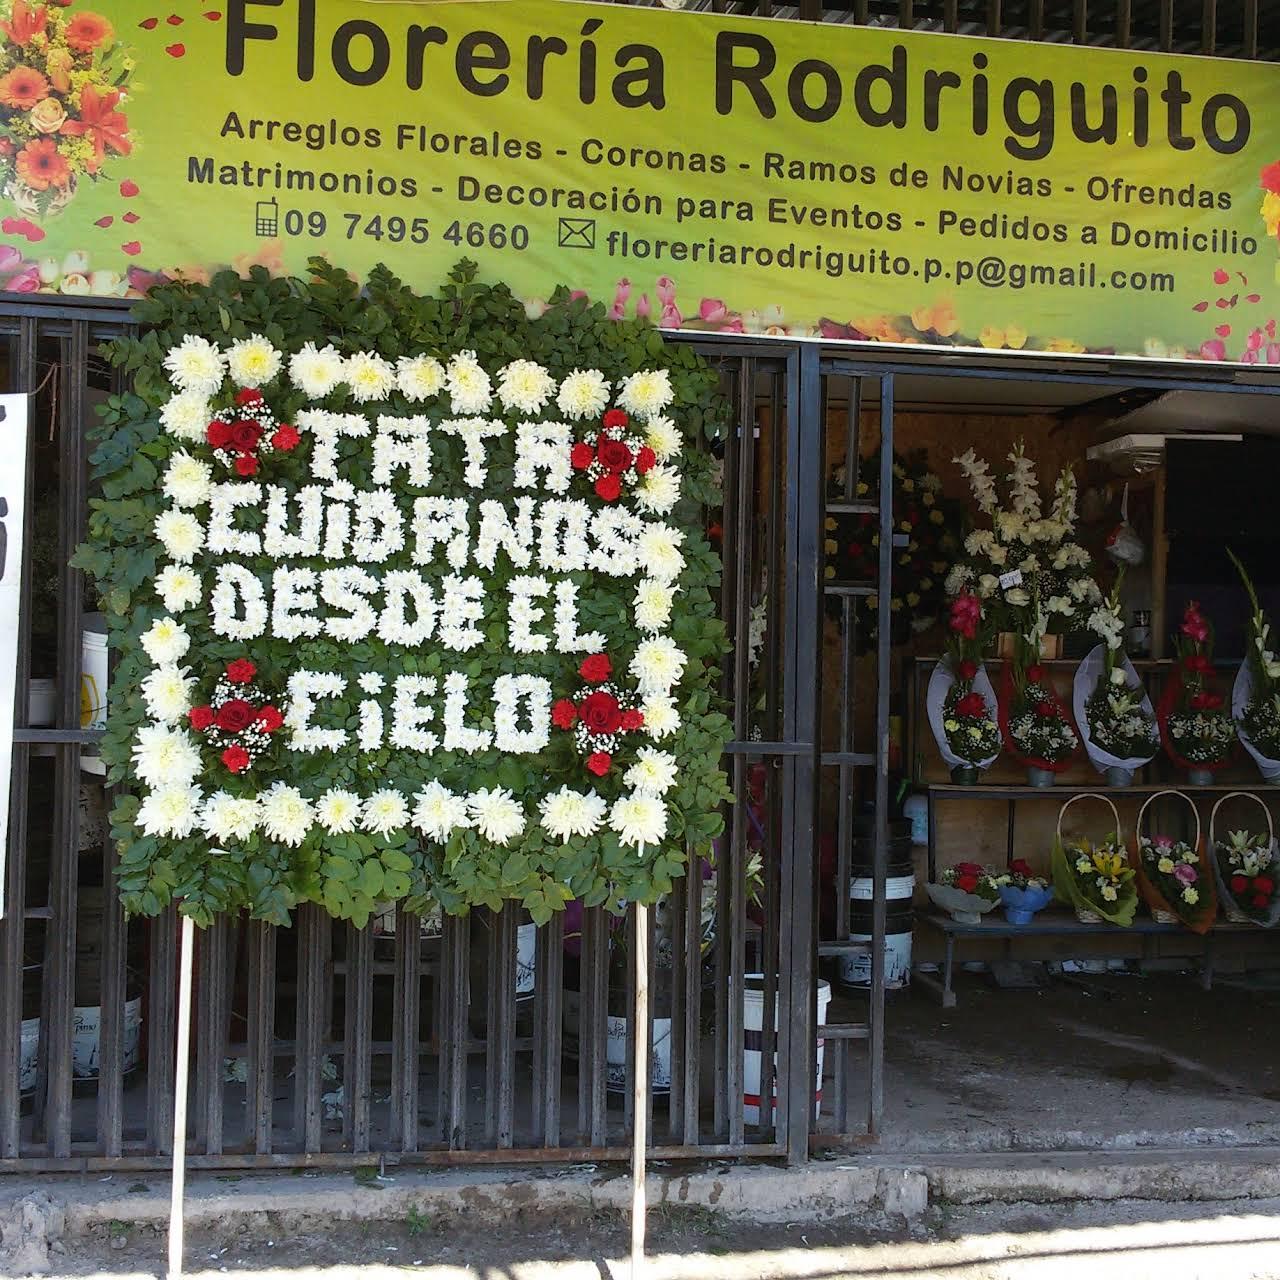 Floreria Rodriguito Florería En San Bernardo